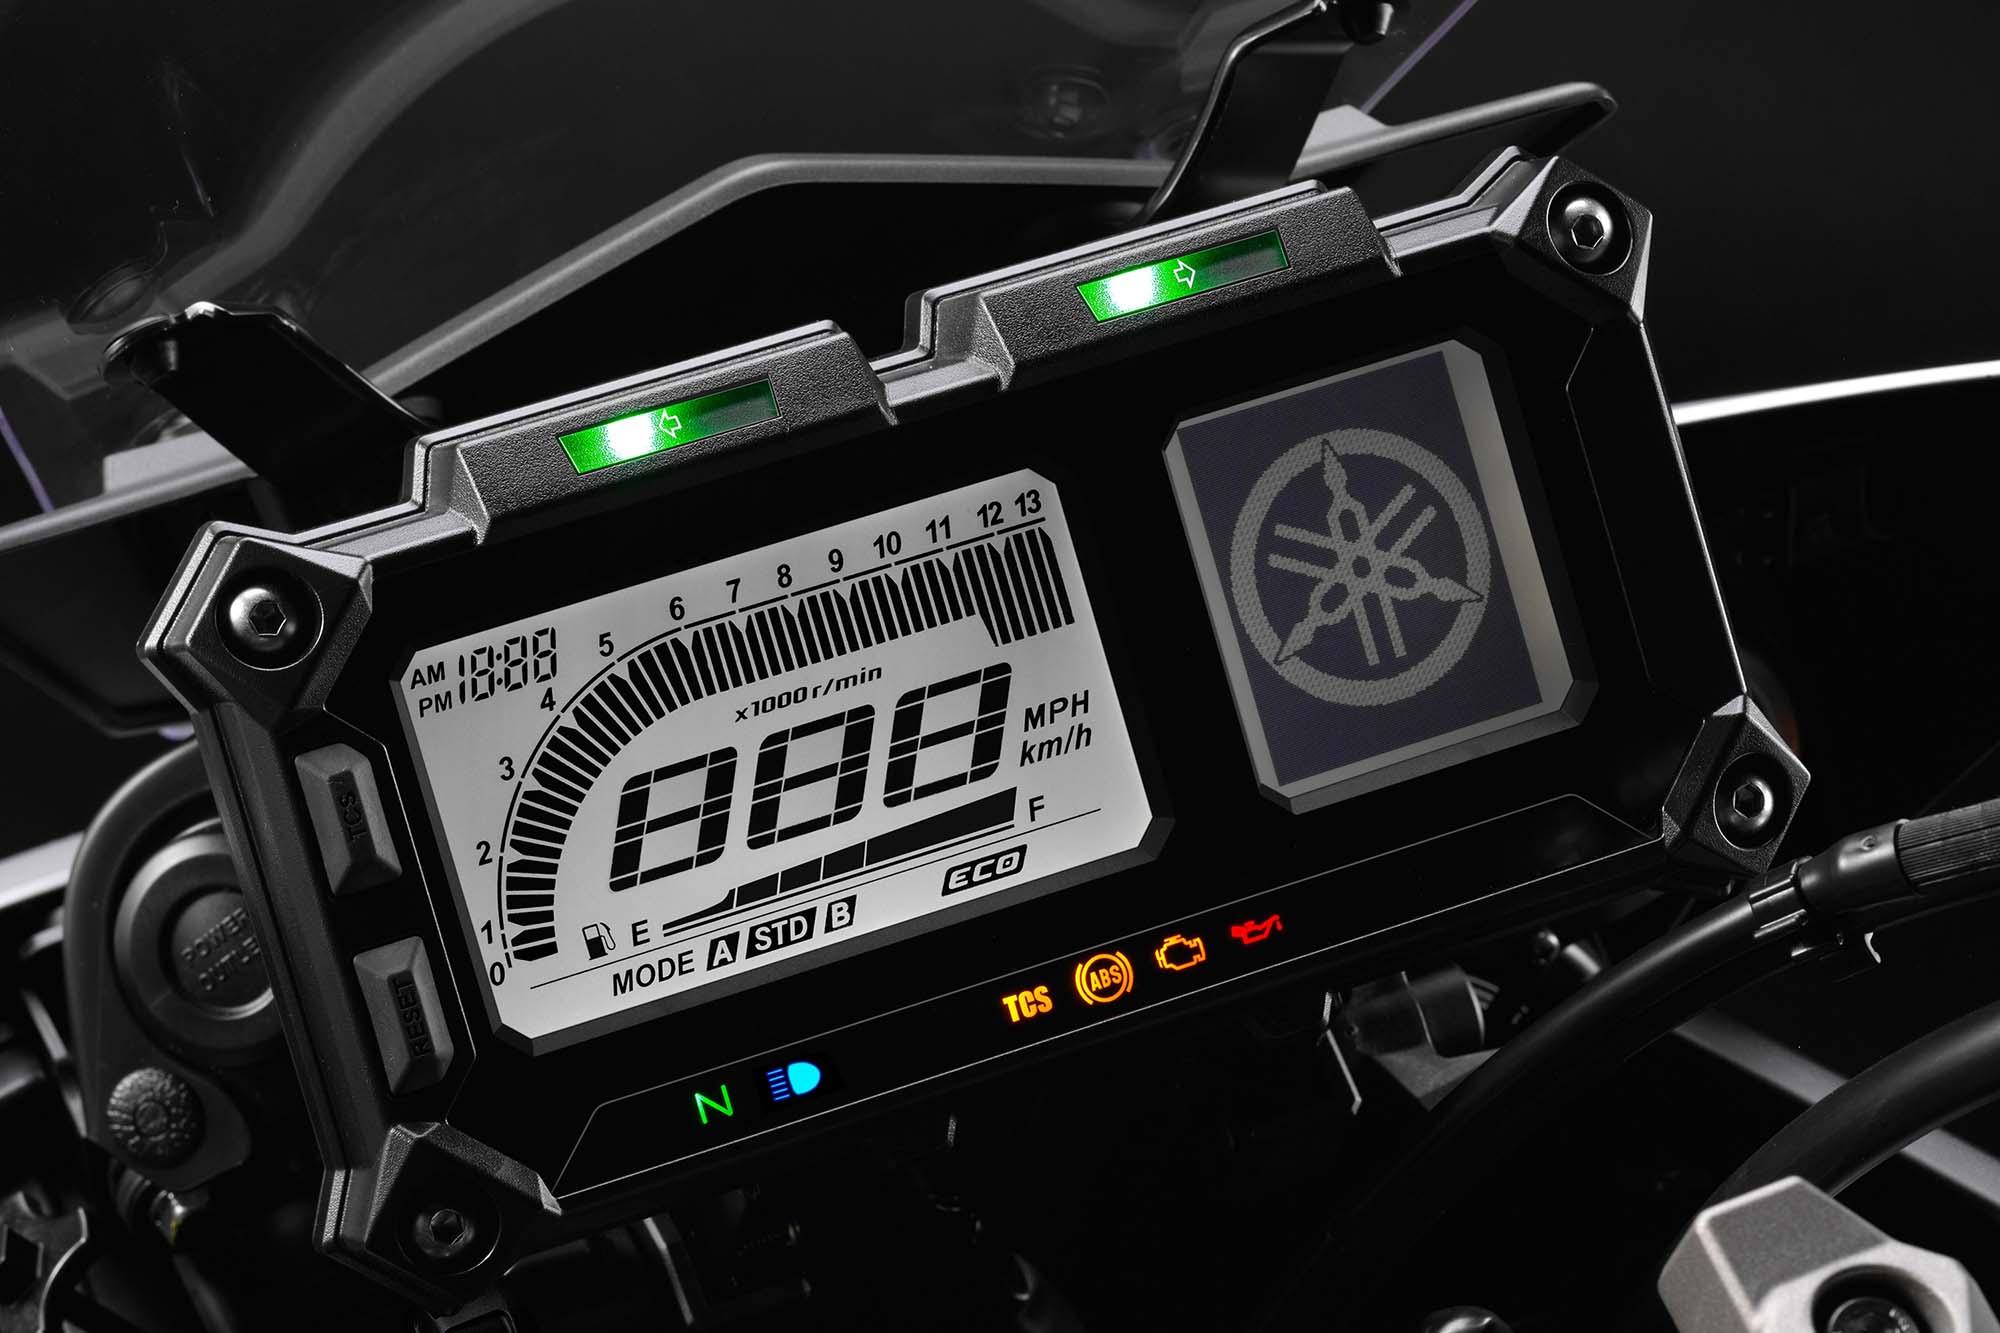 C'est quoi ce mode ECO au tableau de bord ? 2015-Yamaha-FJ-09-MT-09-Tracer-16